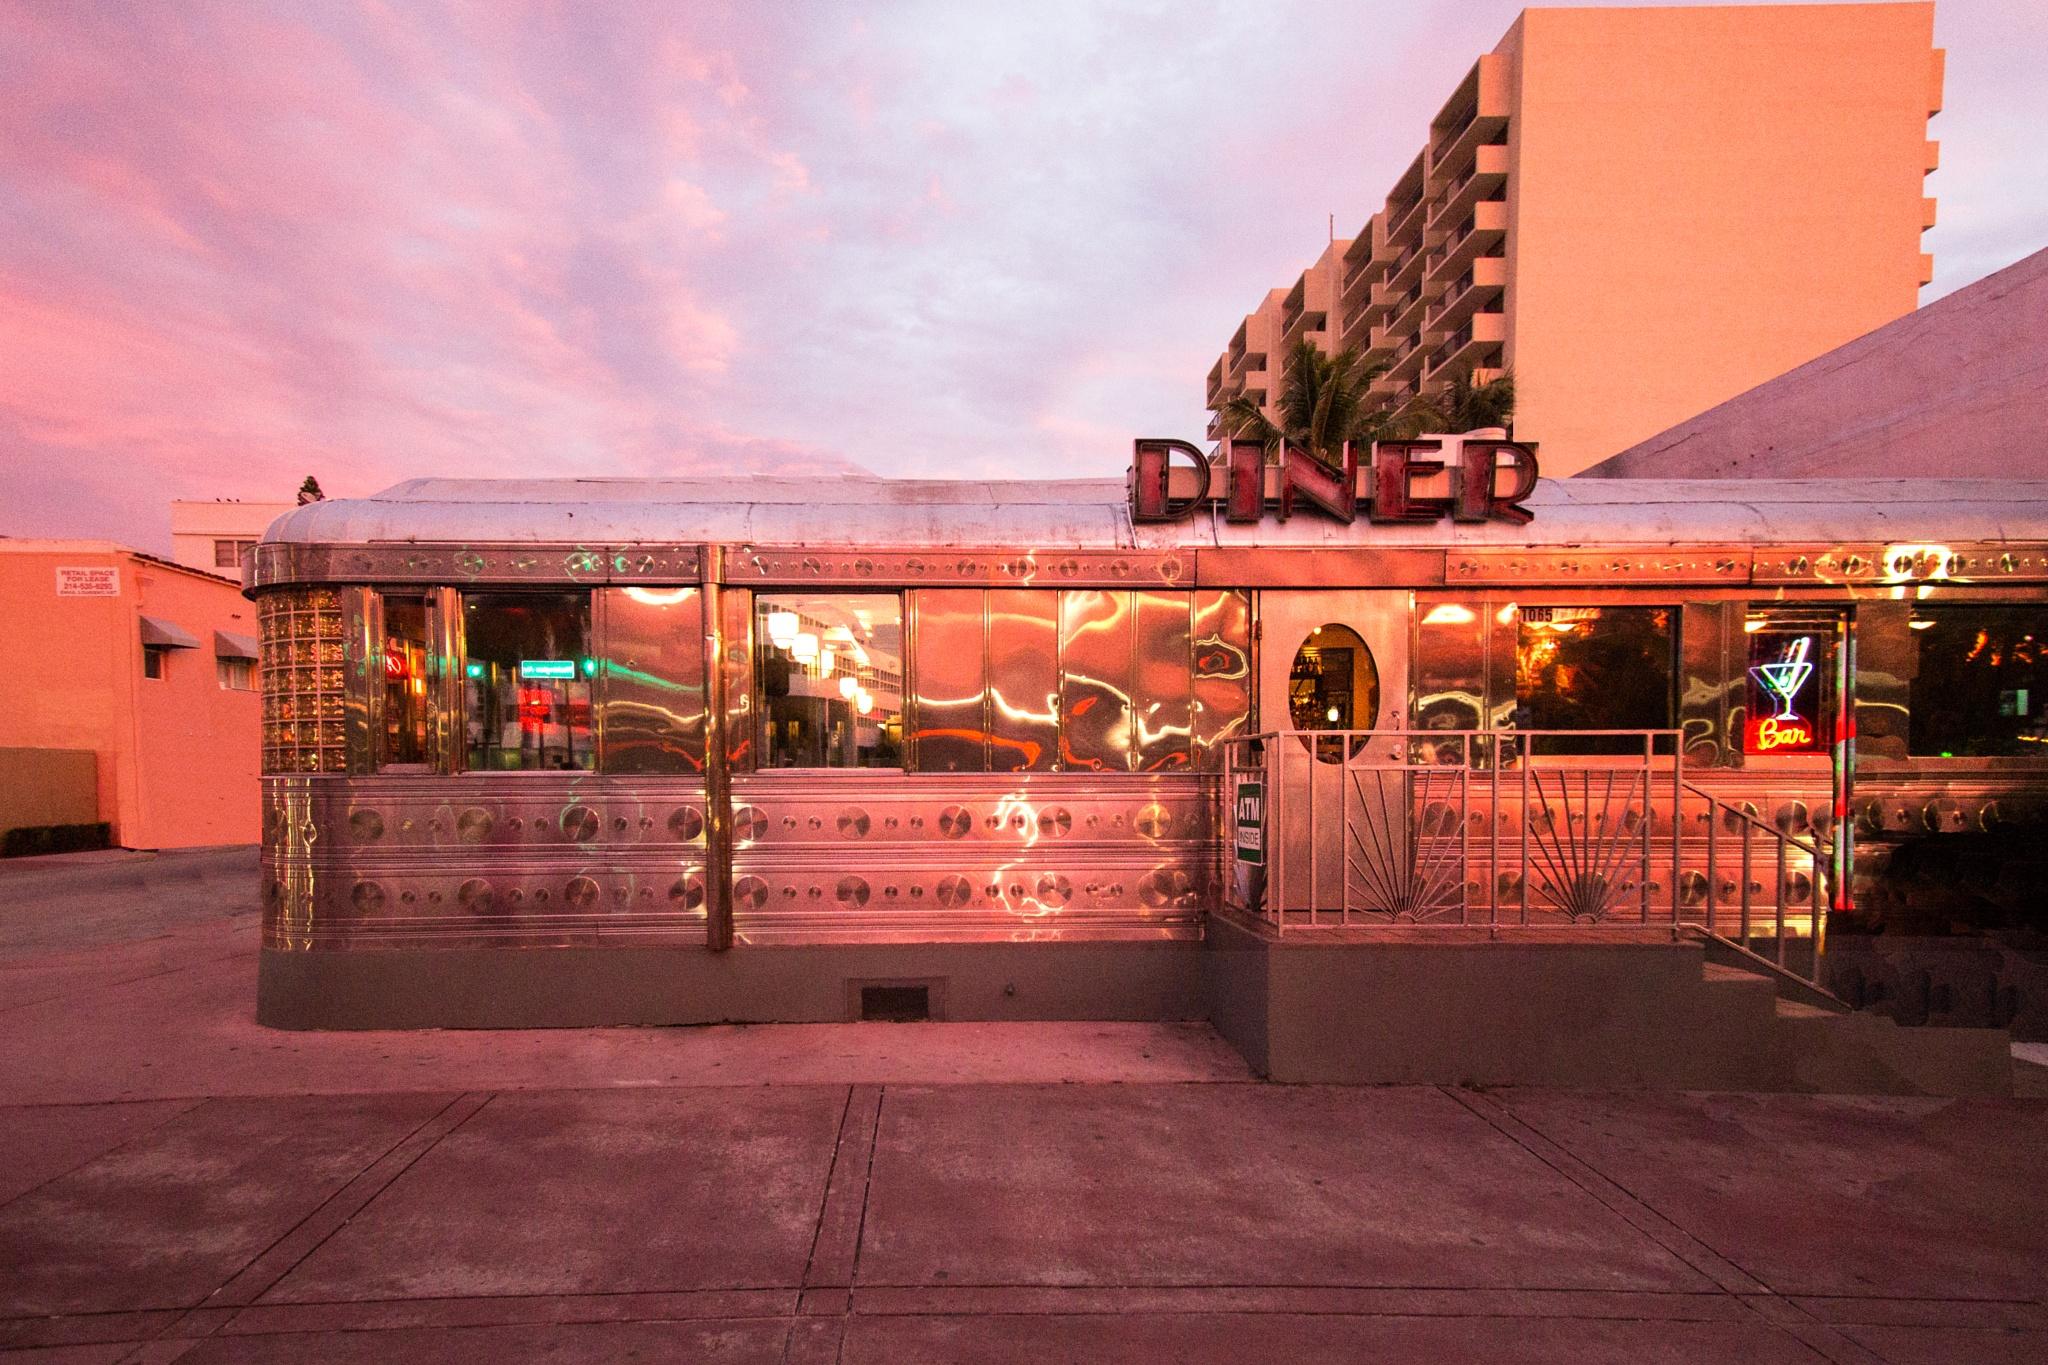 11th Street Diner by pkastan